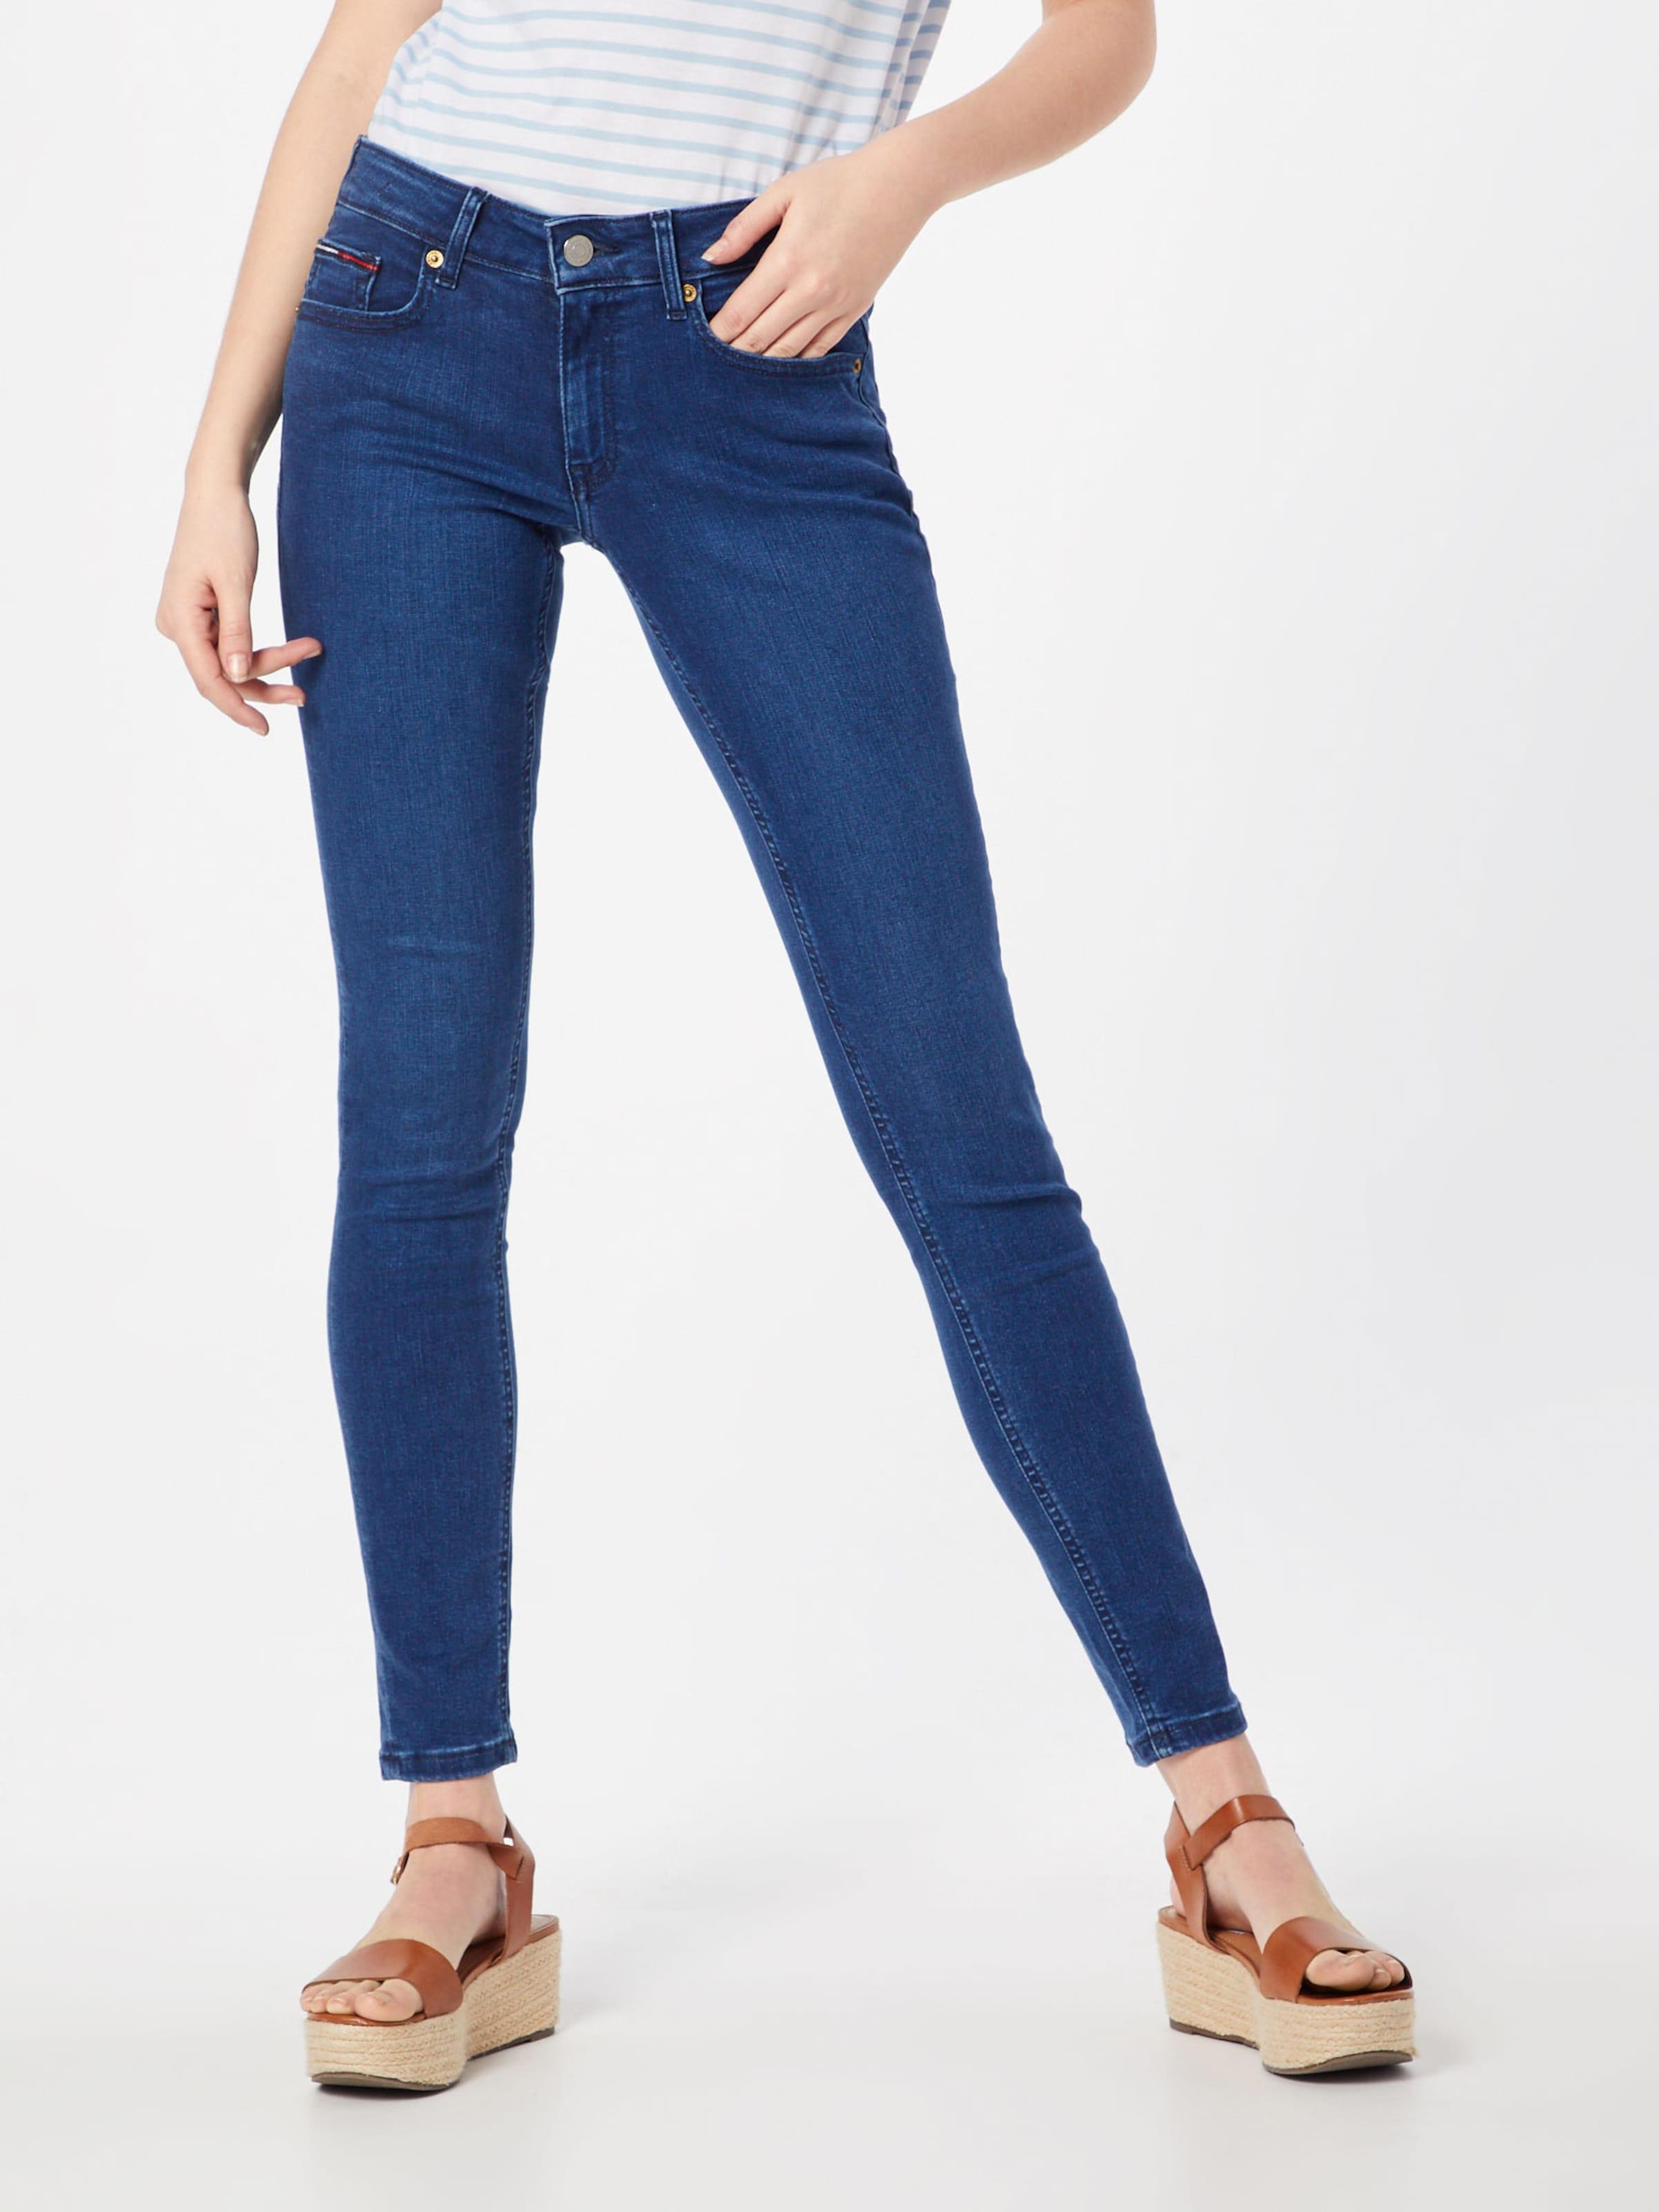 Jeans Weiß Tommy Blue In DenimRot JlKF1c